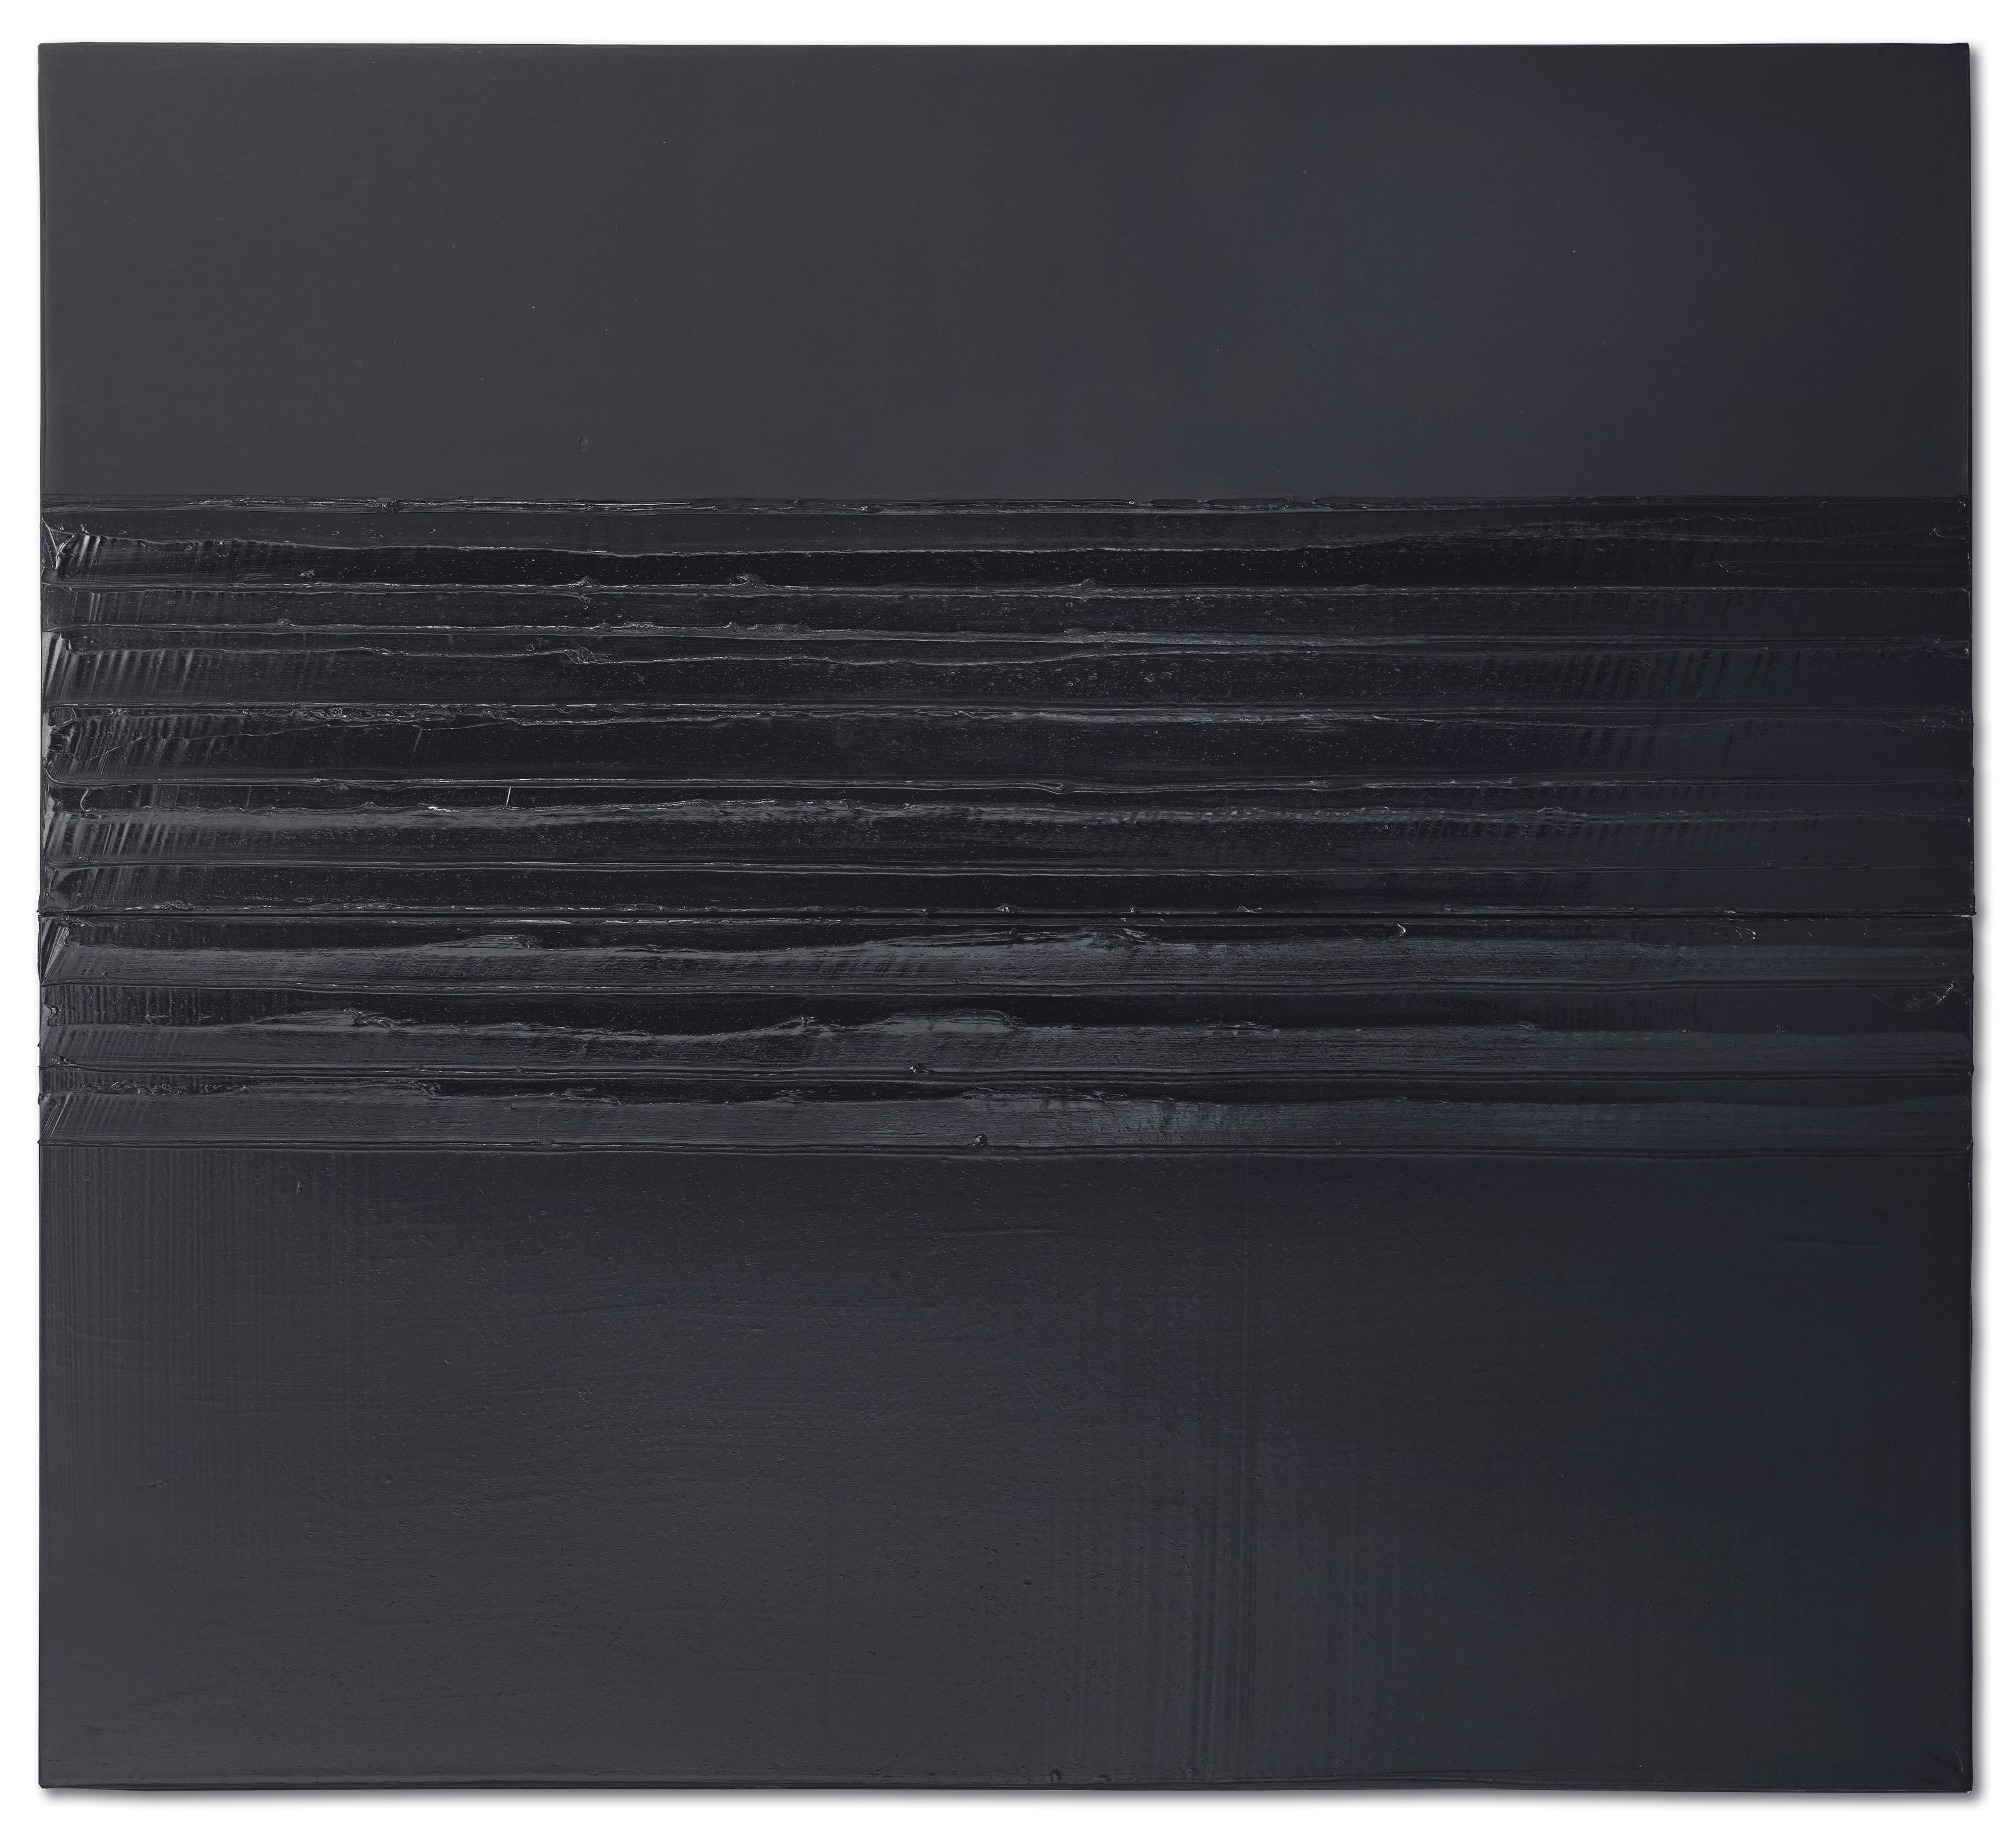 Pierre Soulages (Né en 1919) , Peinture 204 x 227 cm, 12 novembre 2007 | Christie's